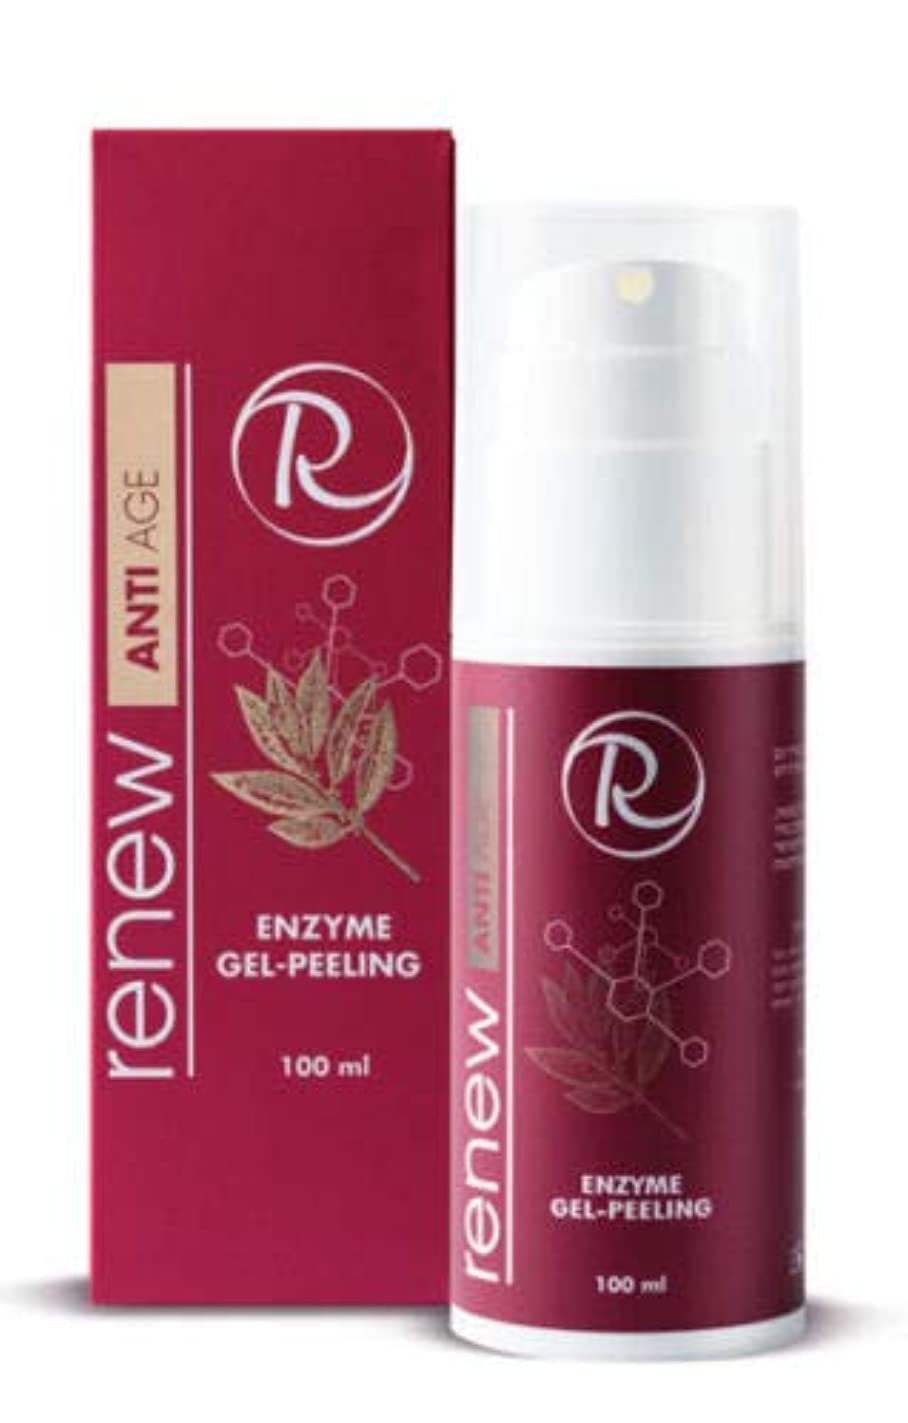 適度に線ドアミラーRenew Anti Age Enzyme Gel-Peeling 100ml